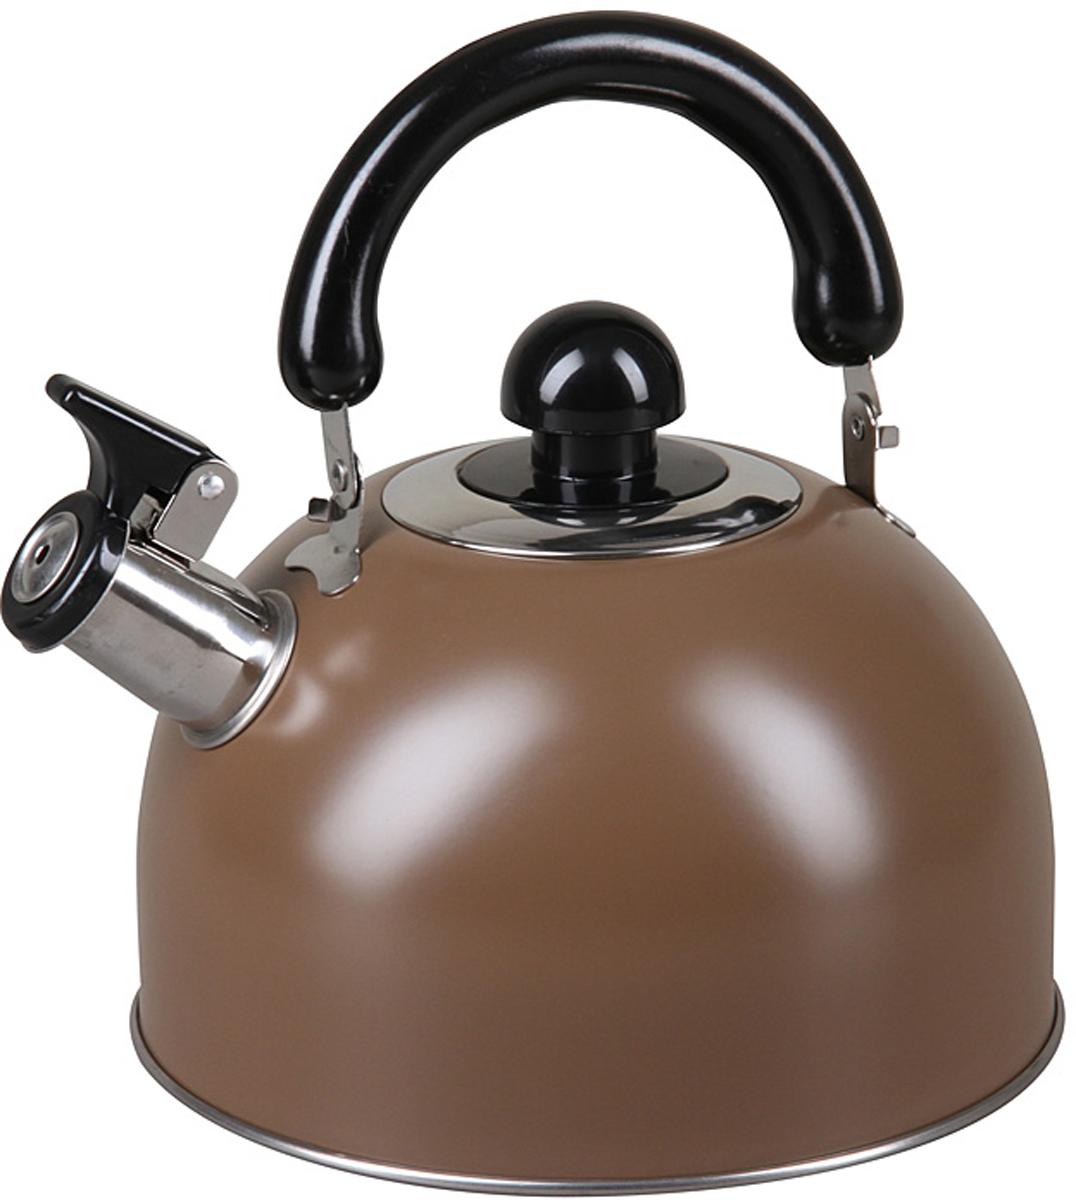 Чайник Pomi d'Oro PSS-650014, со свистком, 3,5 л. 77.858@27417 часы pomi doro t5012 k